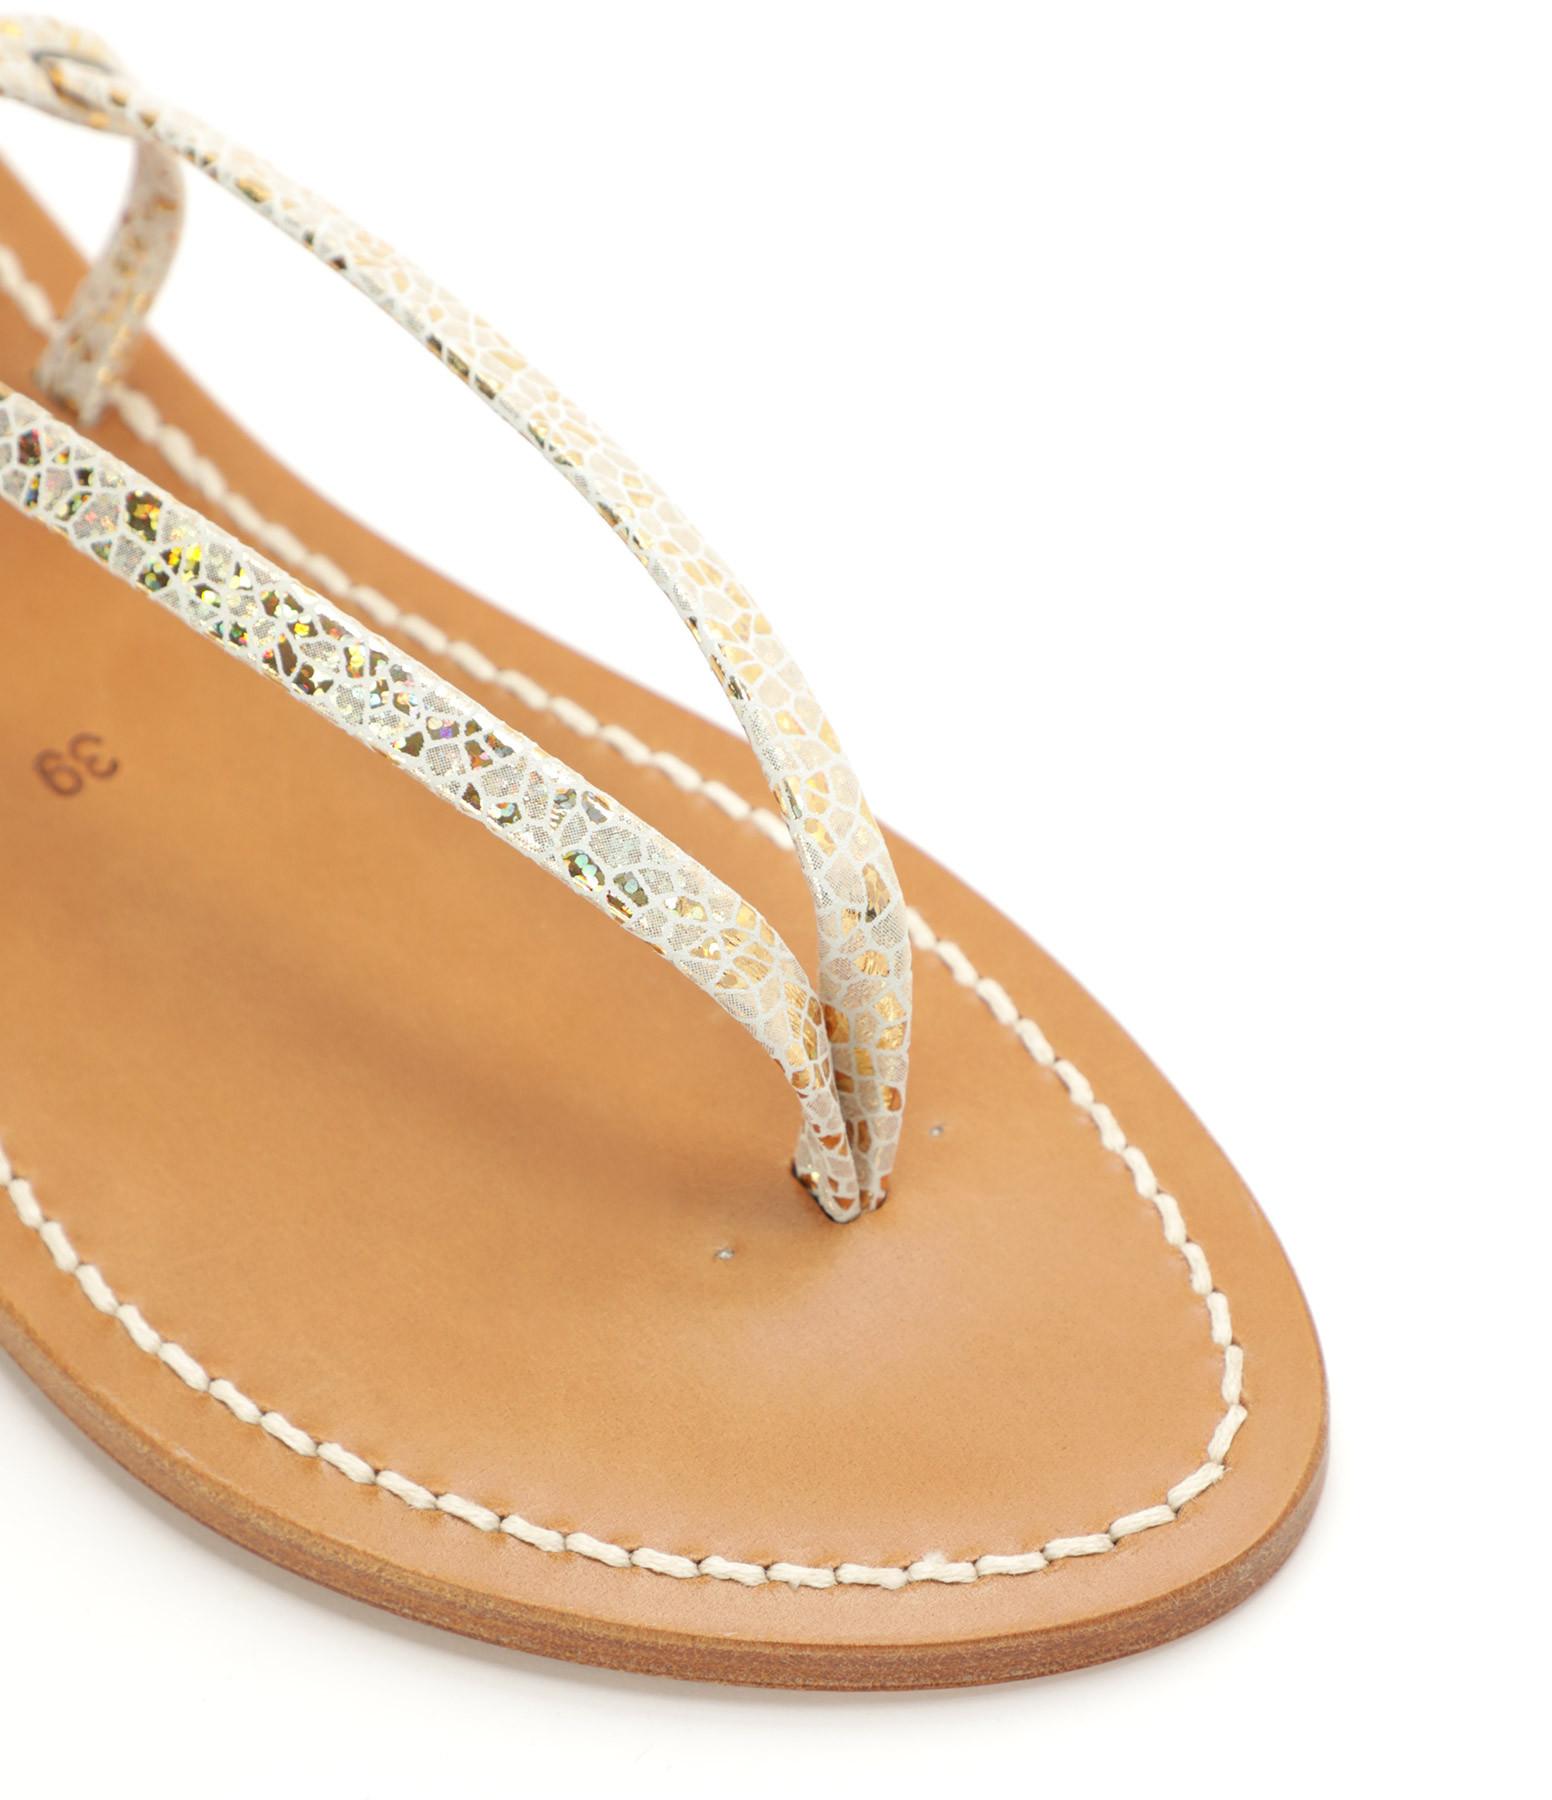 K.JACQUES - Sandales Abako Cuir Batura Platine